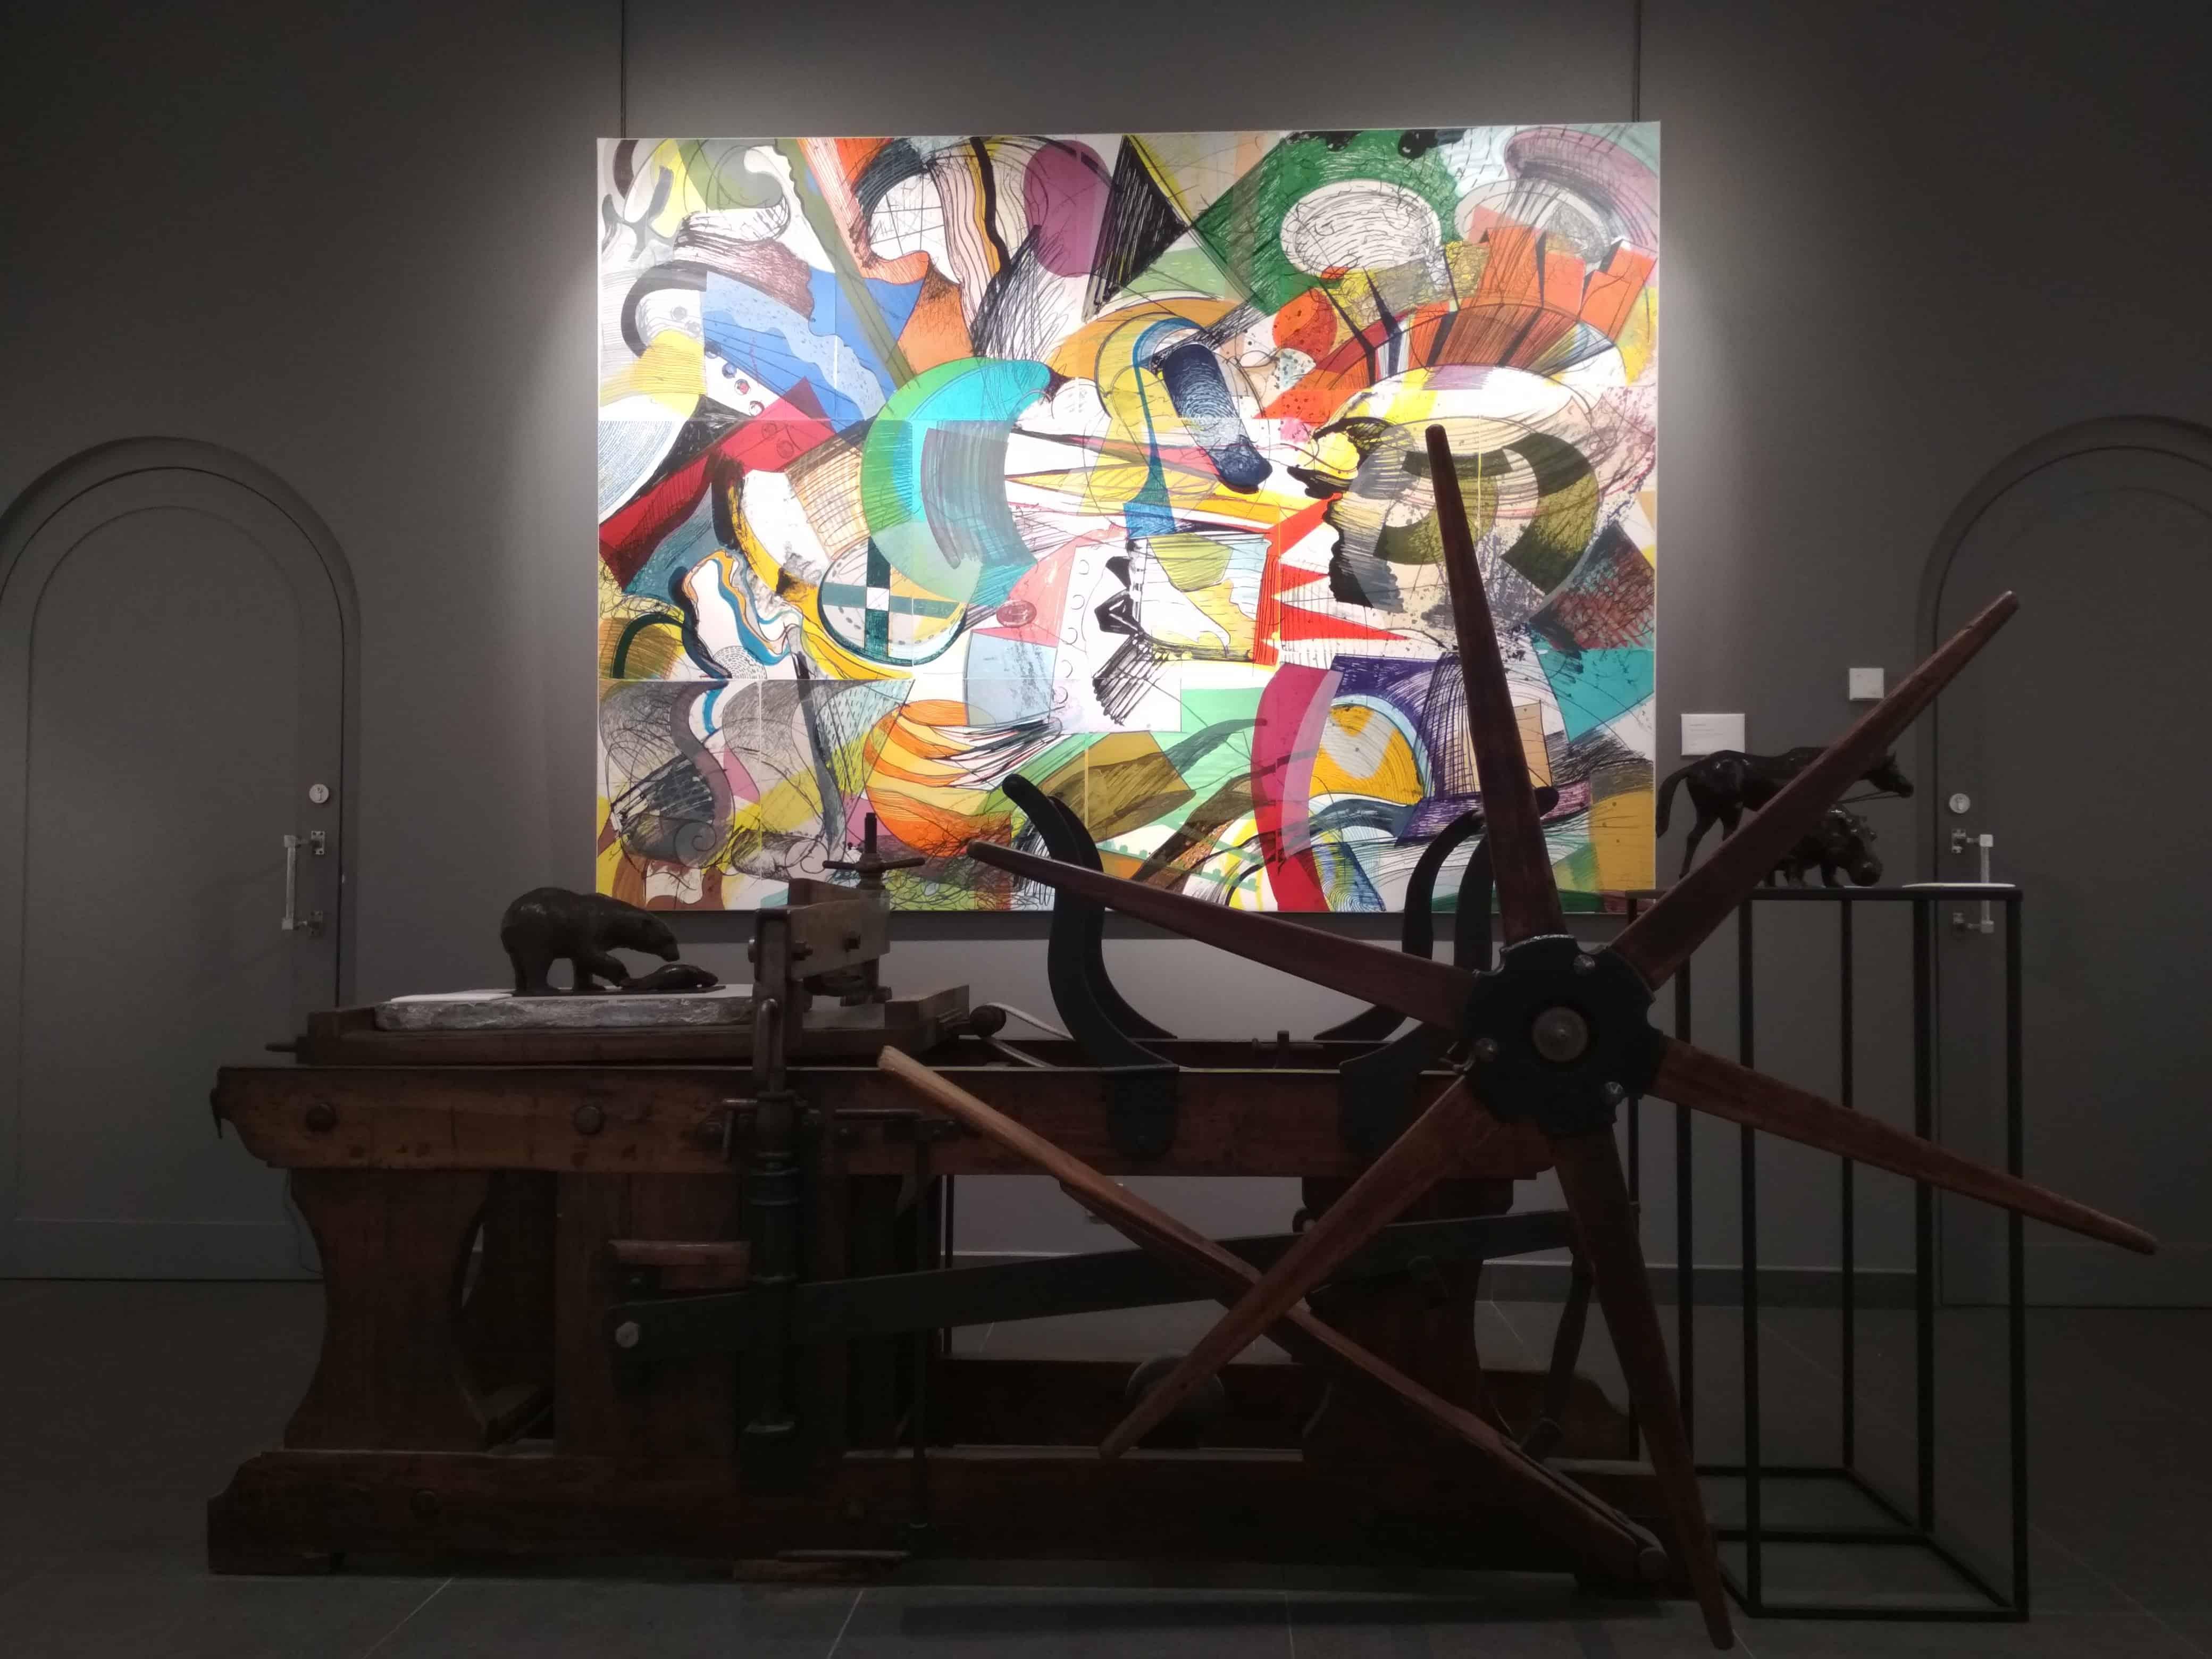 La plus grande lithographie du monde devant une presse, exposée au centre d'art Cristel de Saint-Malo